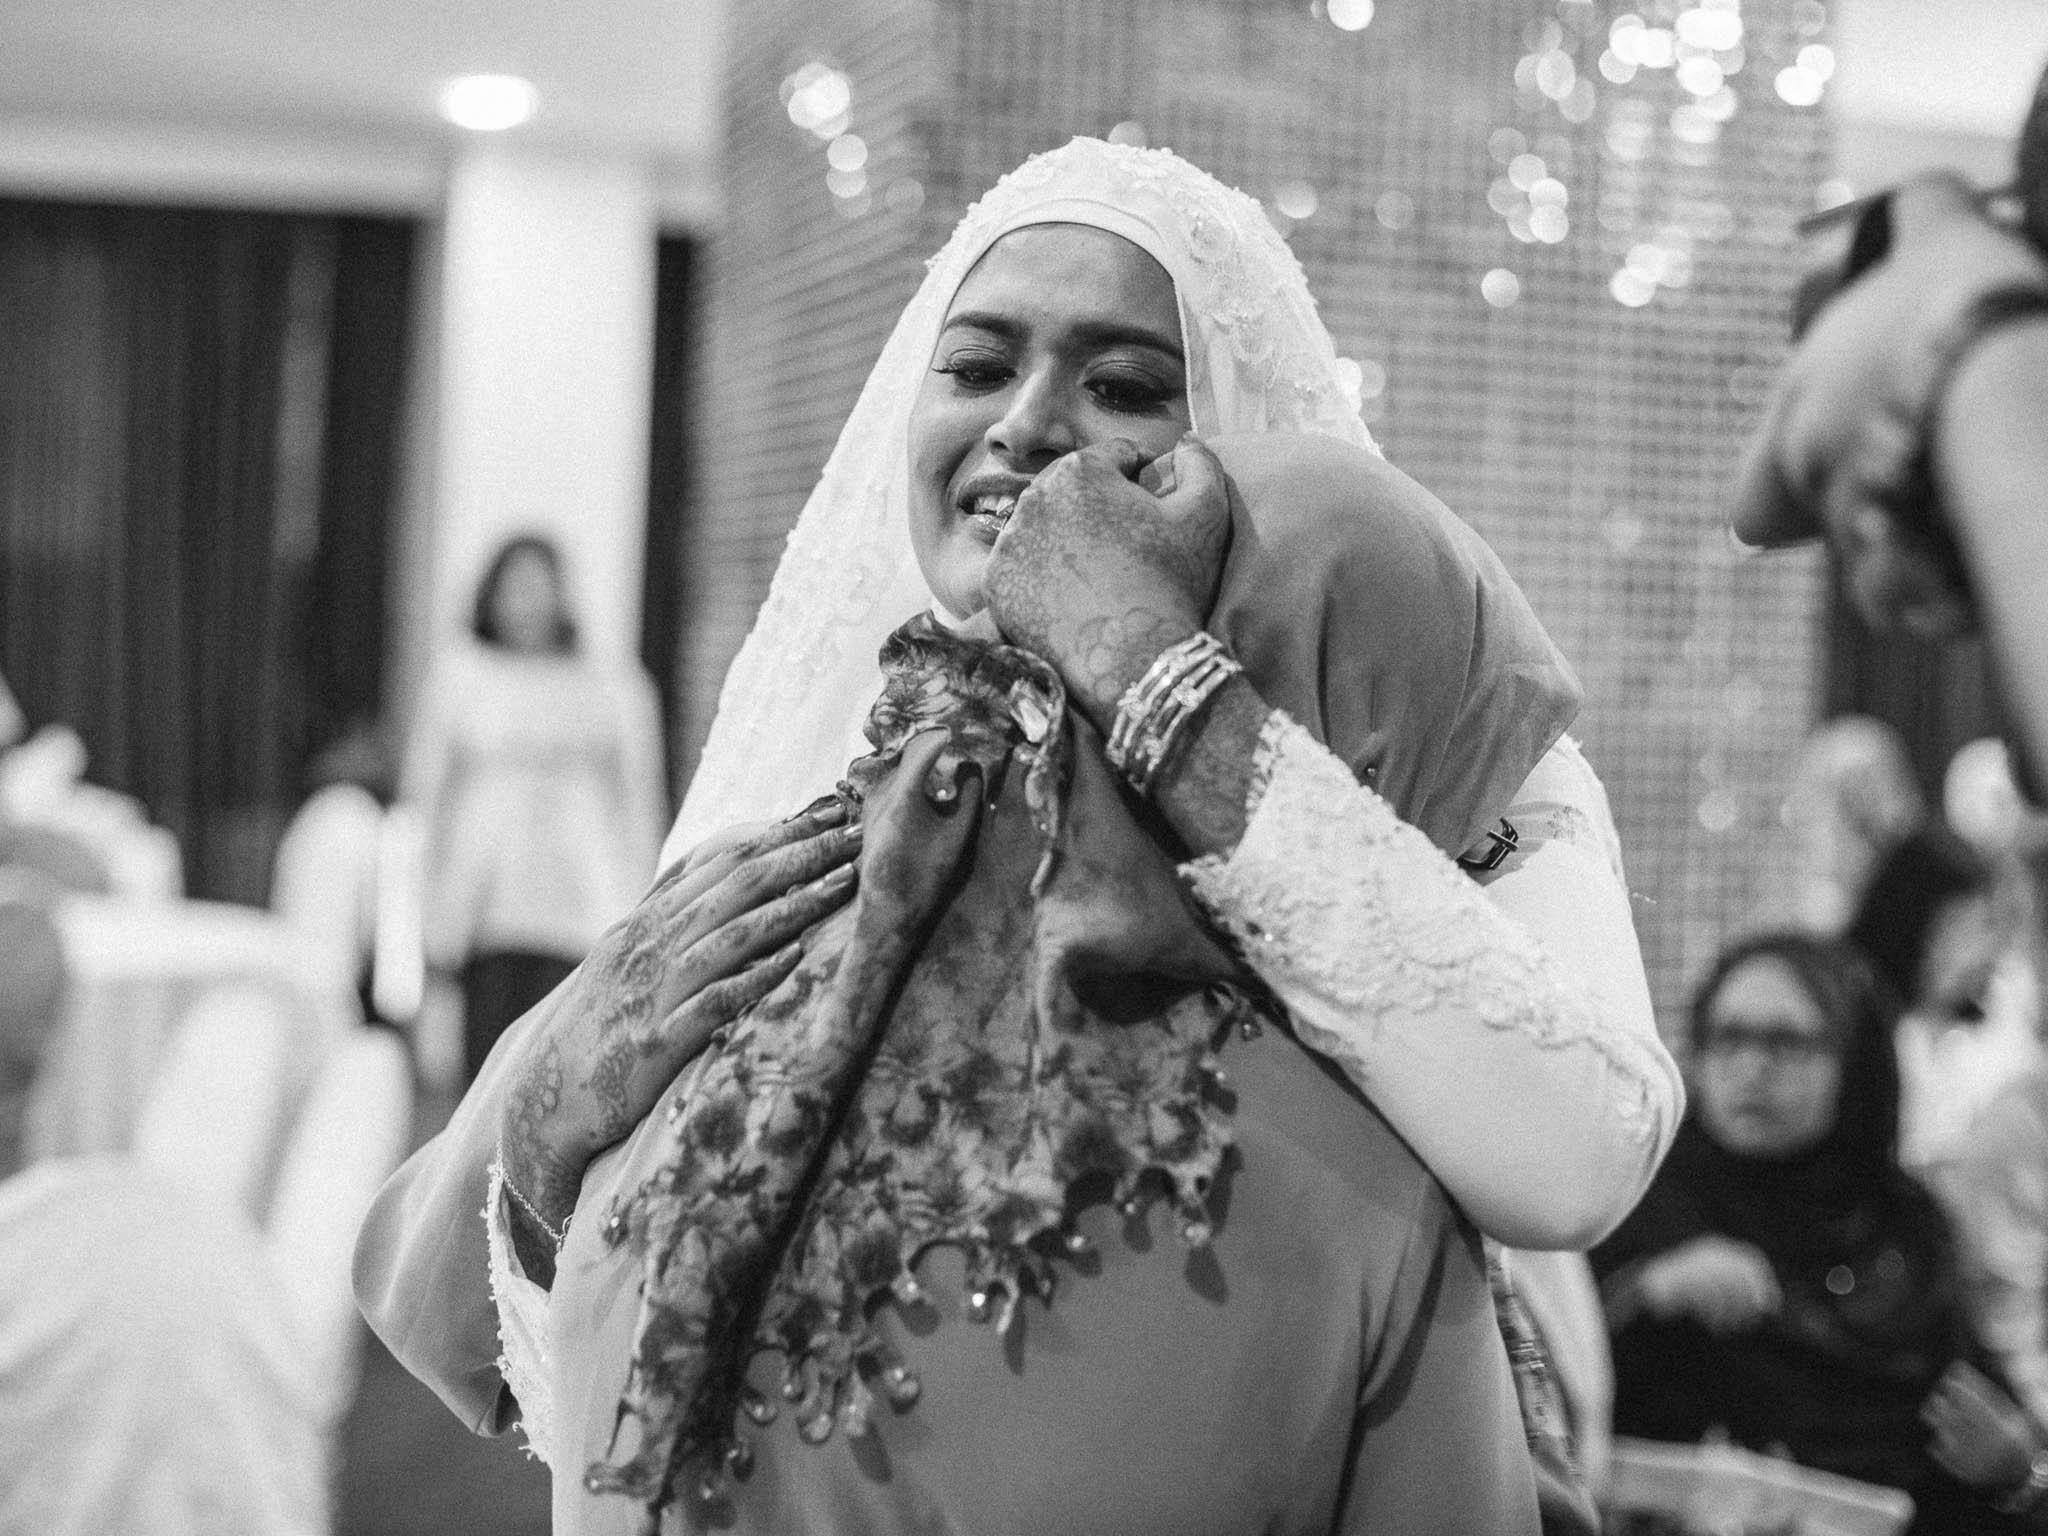 singapore-wedding-photographer-wemadethese-bw-015.jpg